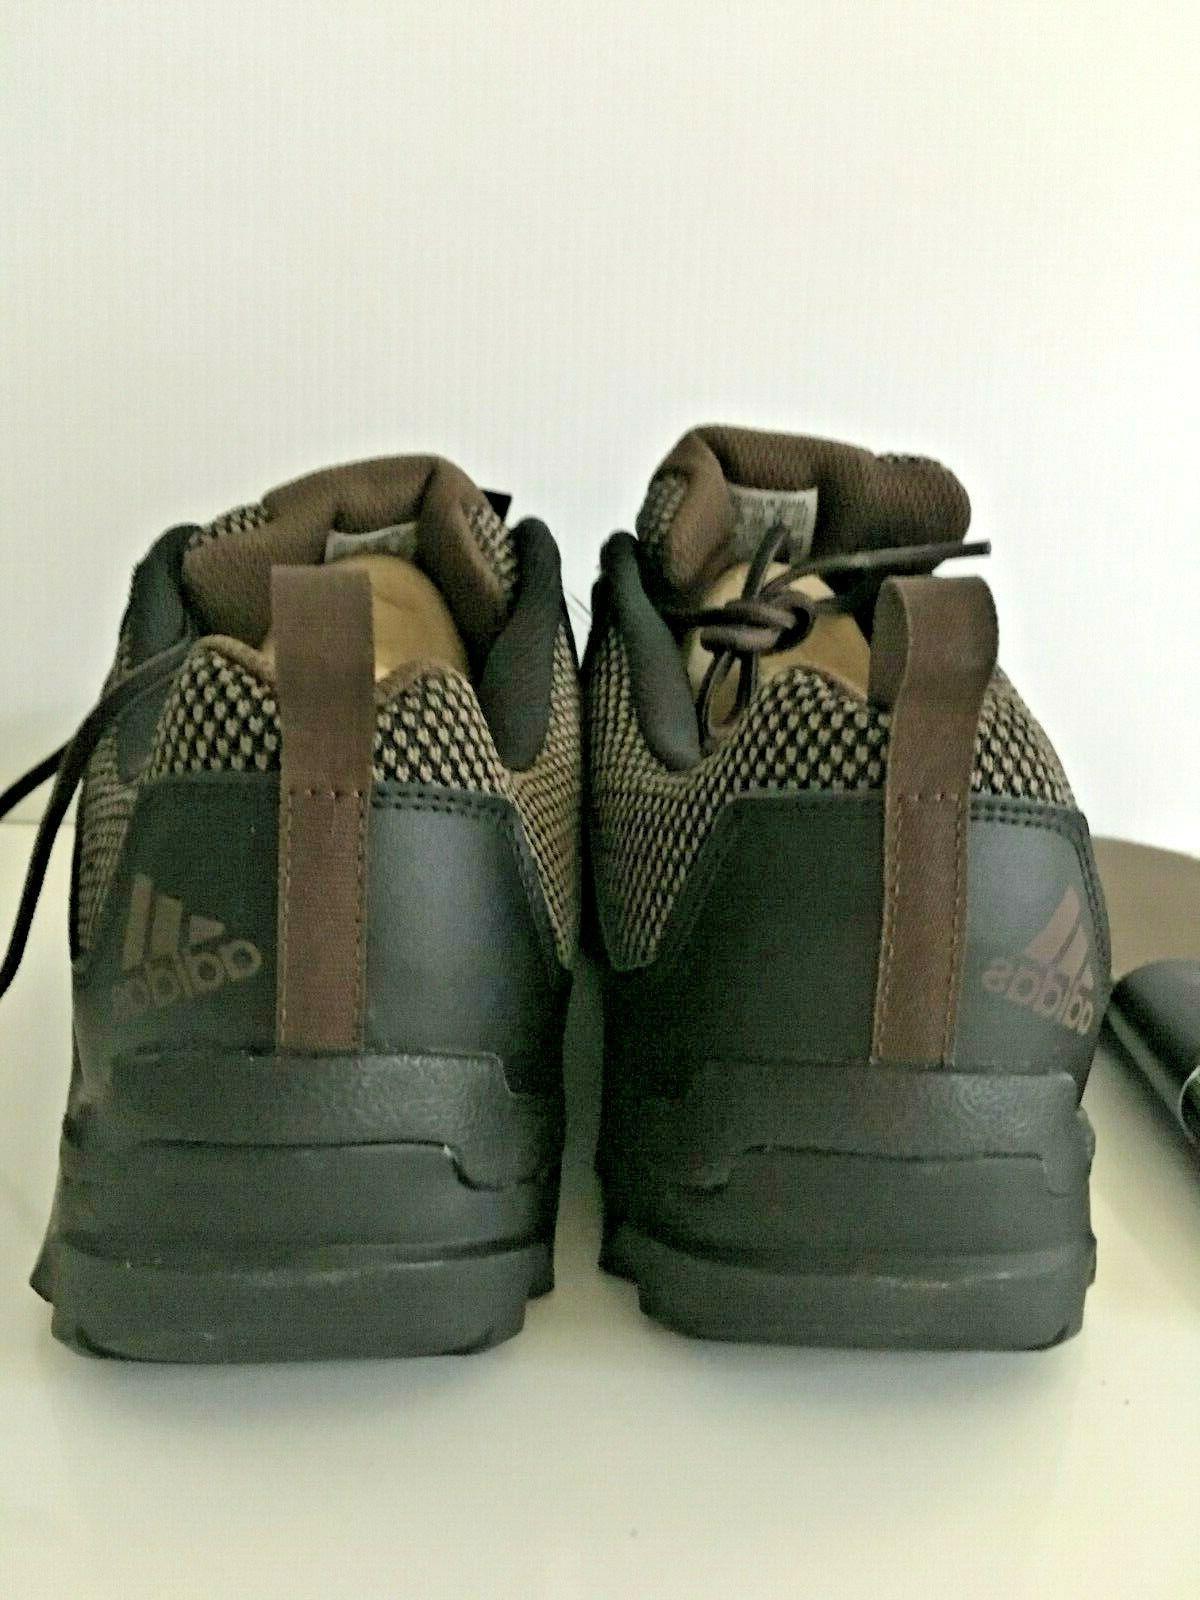 Adidas AF6096 Carbrn/Nbrown/Cblack 11.5